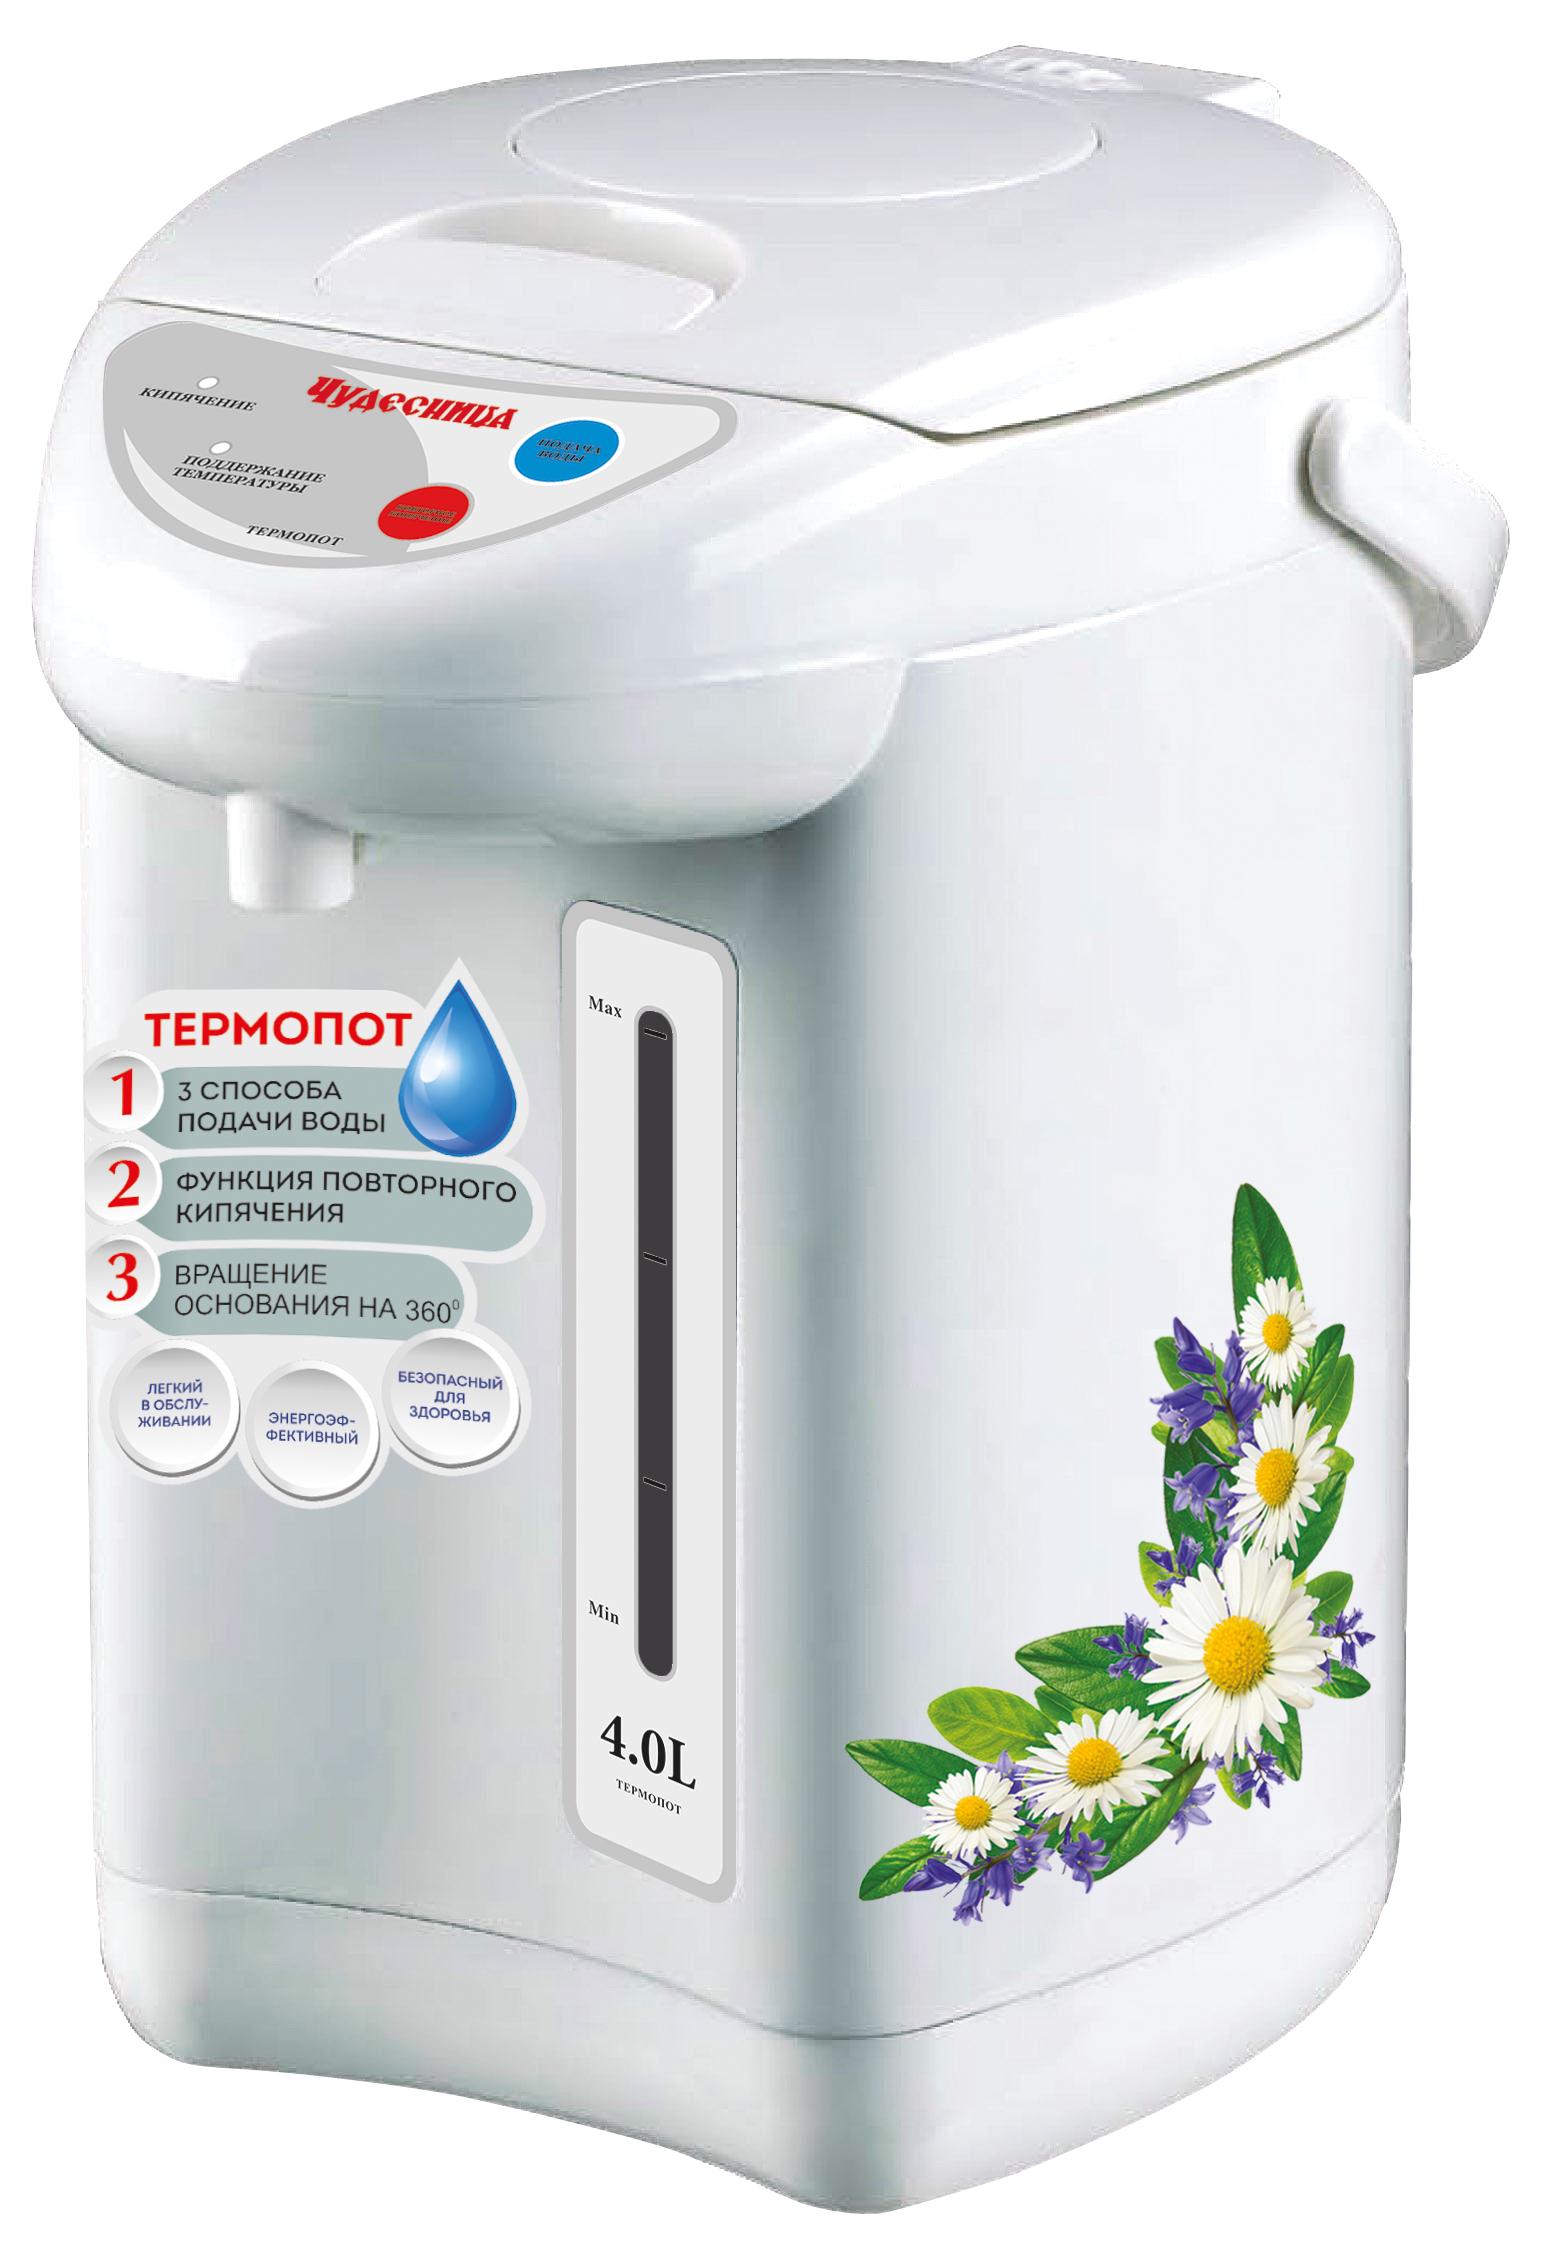 Чудесница ЭЧТ-040 термопот